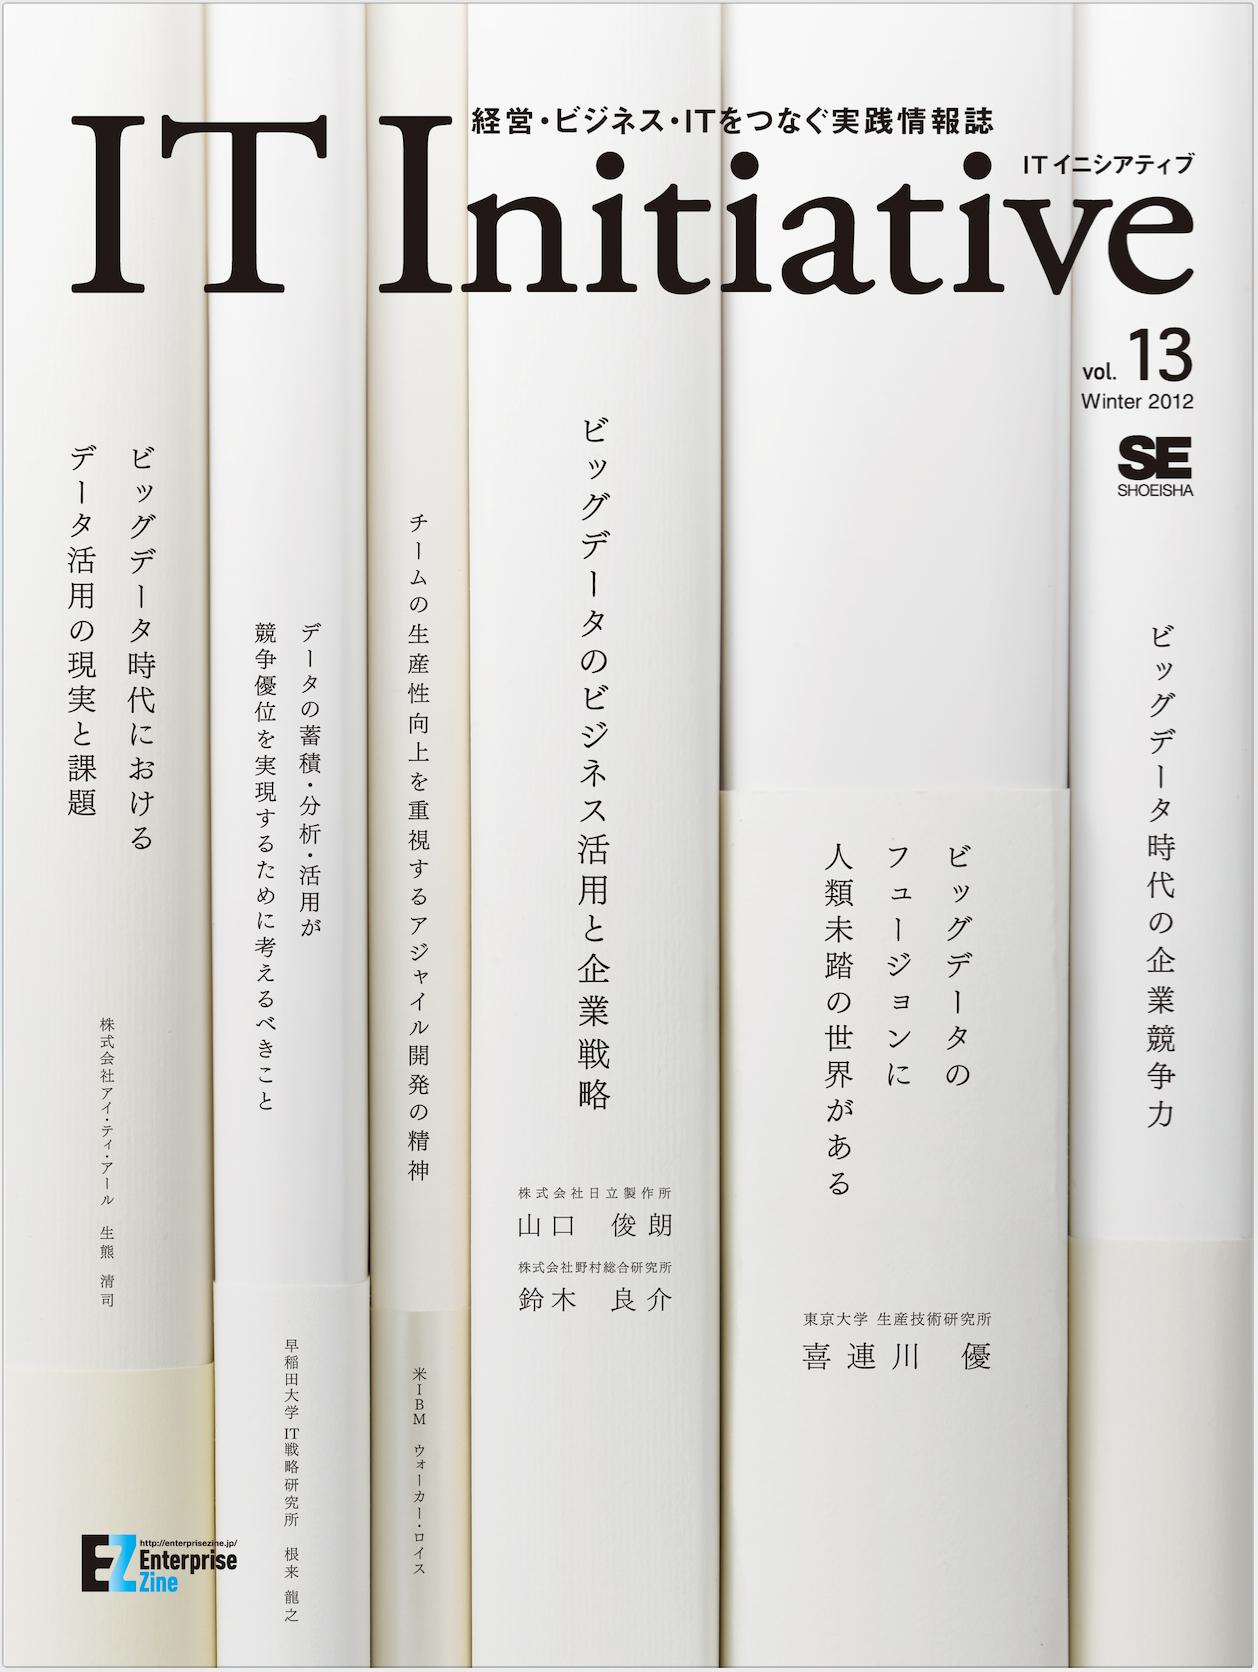 IT initiative_vol13